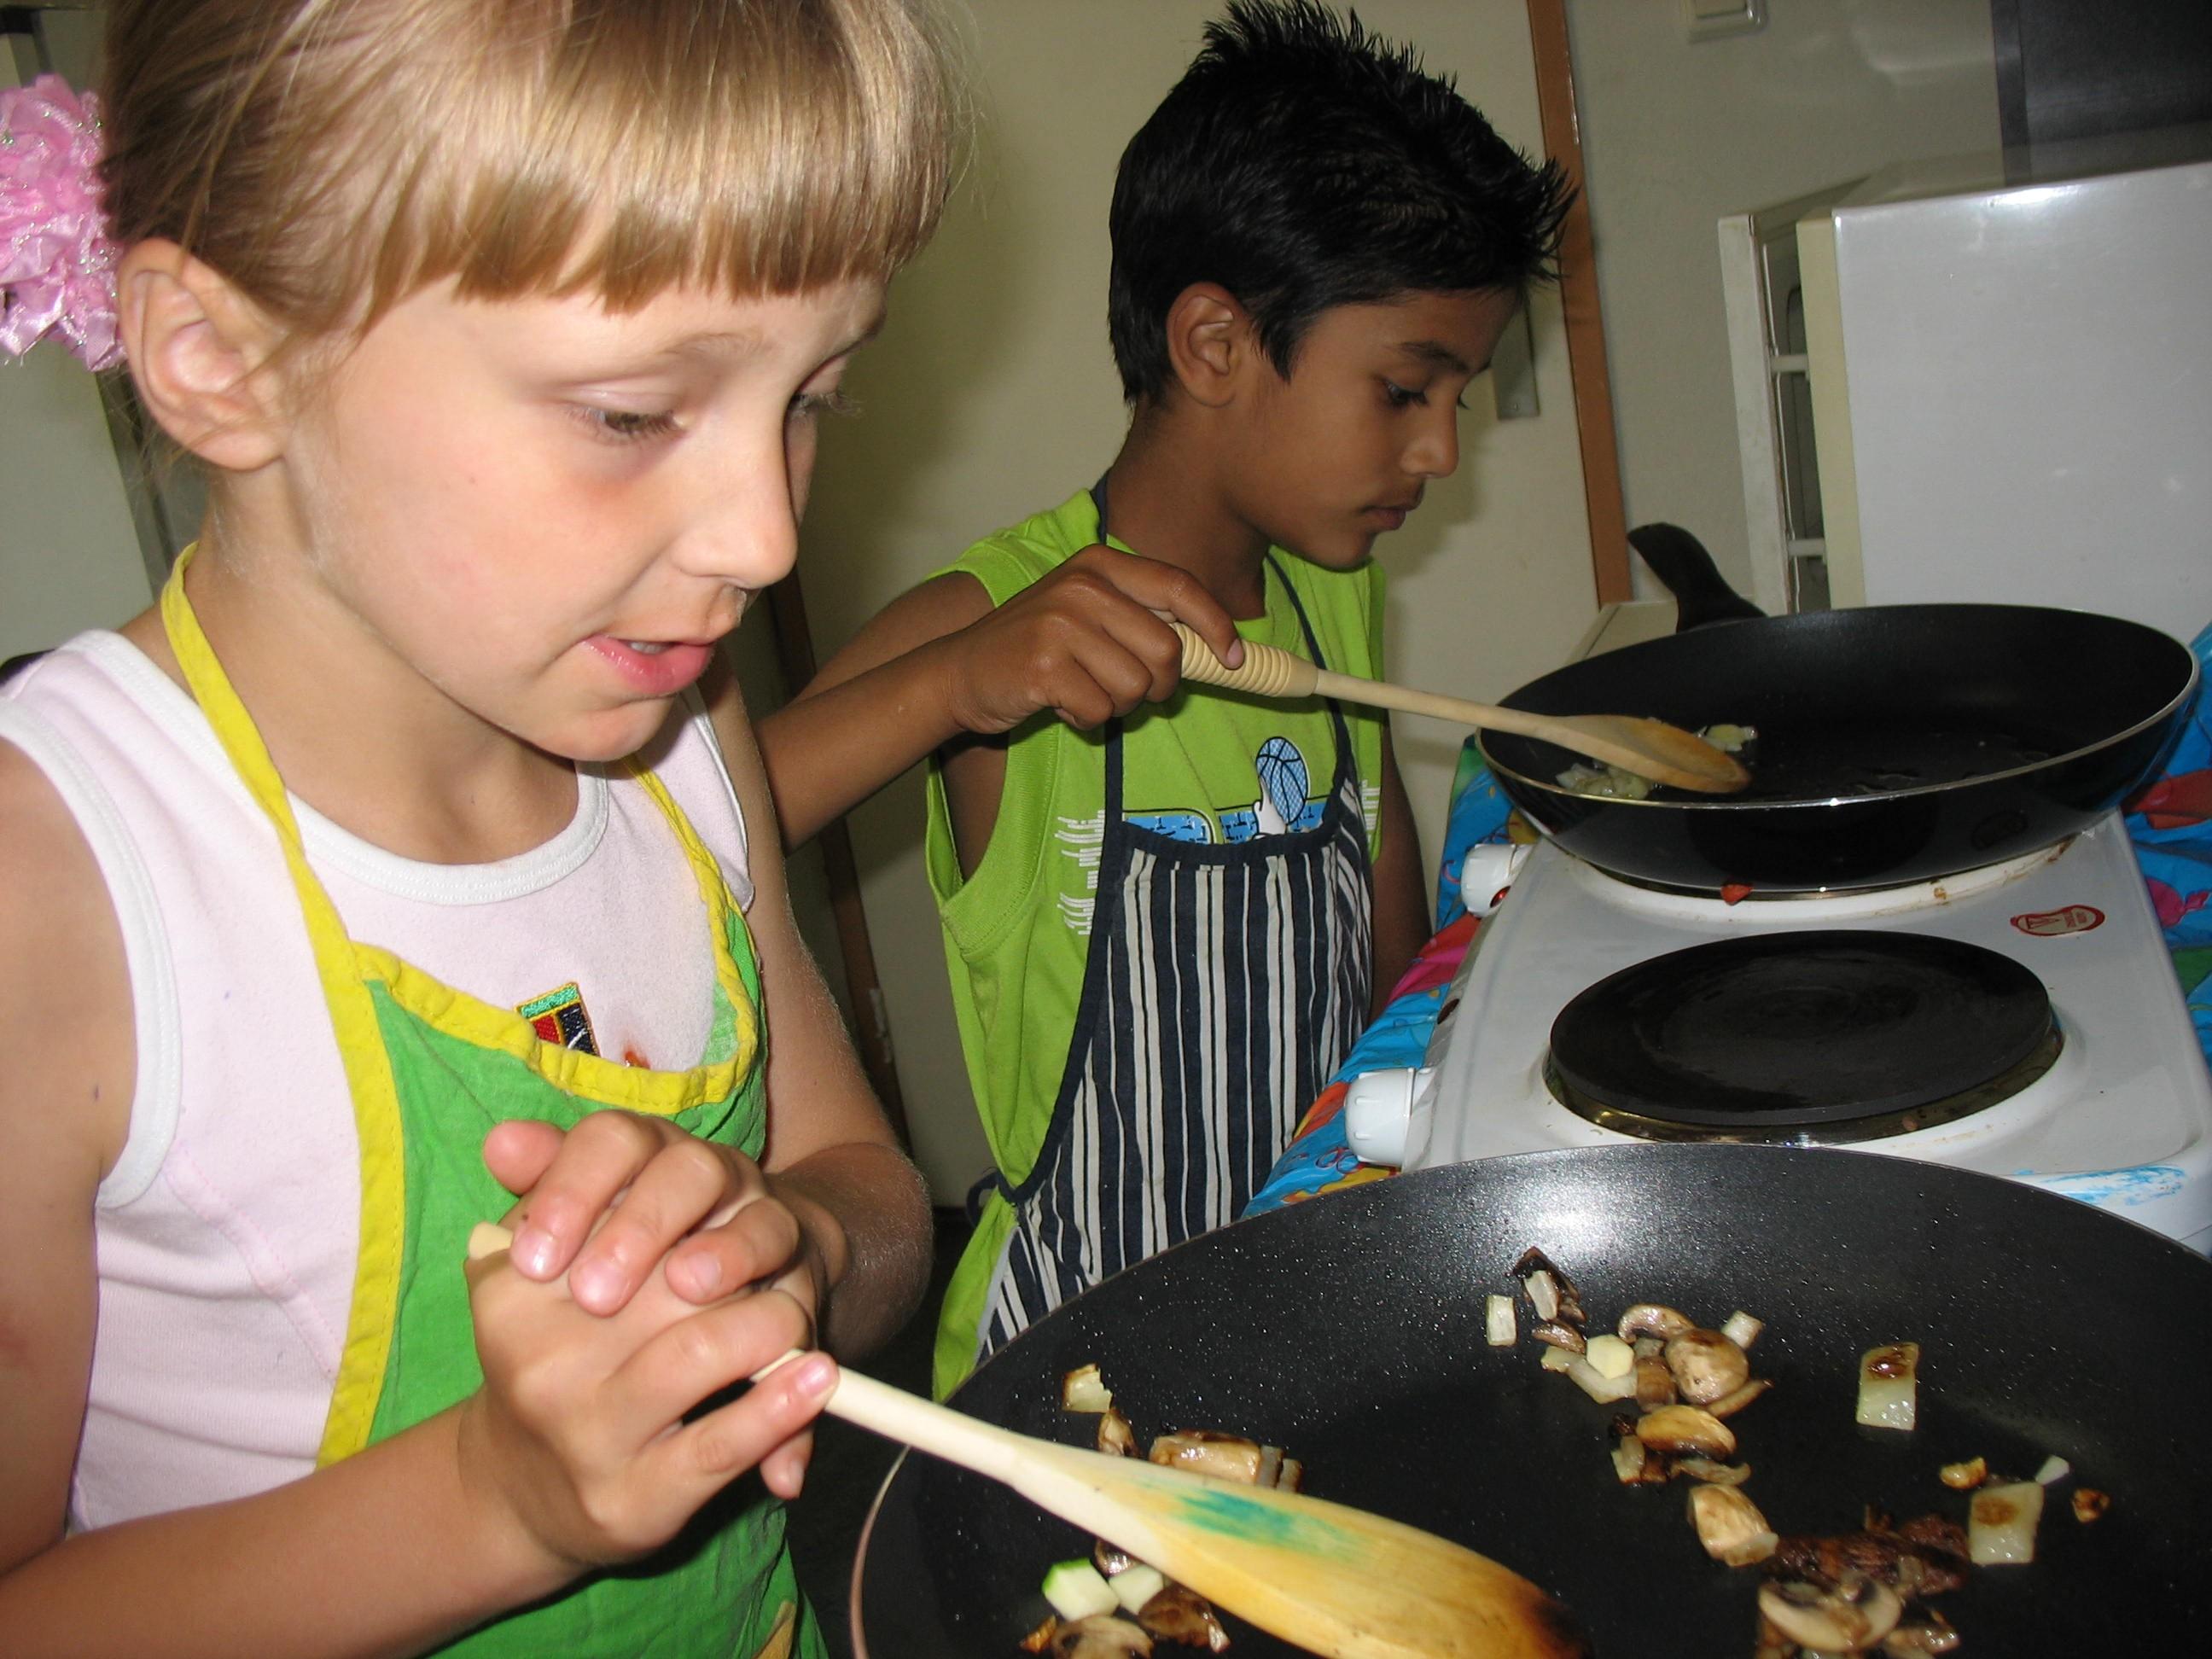 kinderen_aan_het_koken.jpg